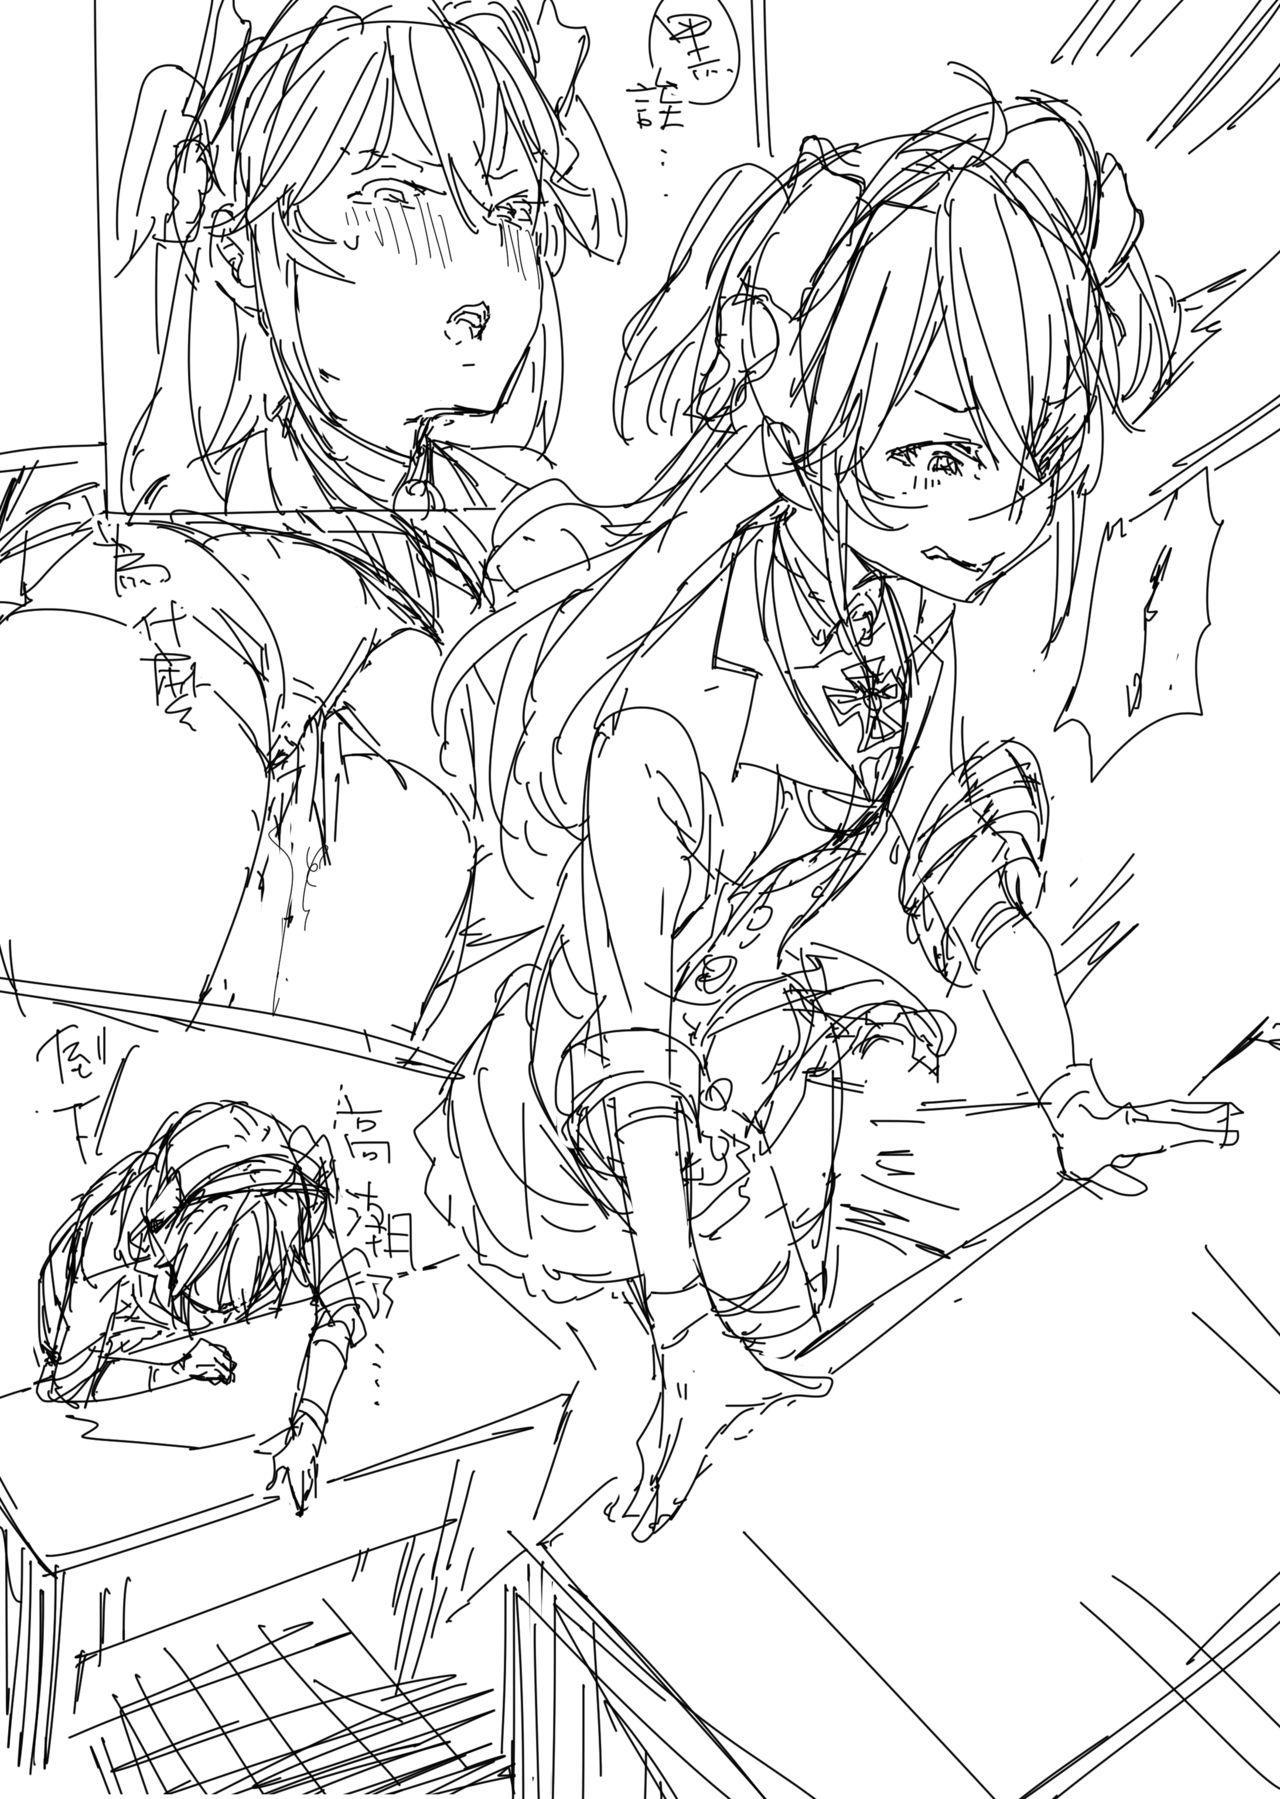 Hipper Rakugaki Manga 4